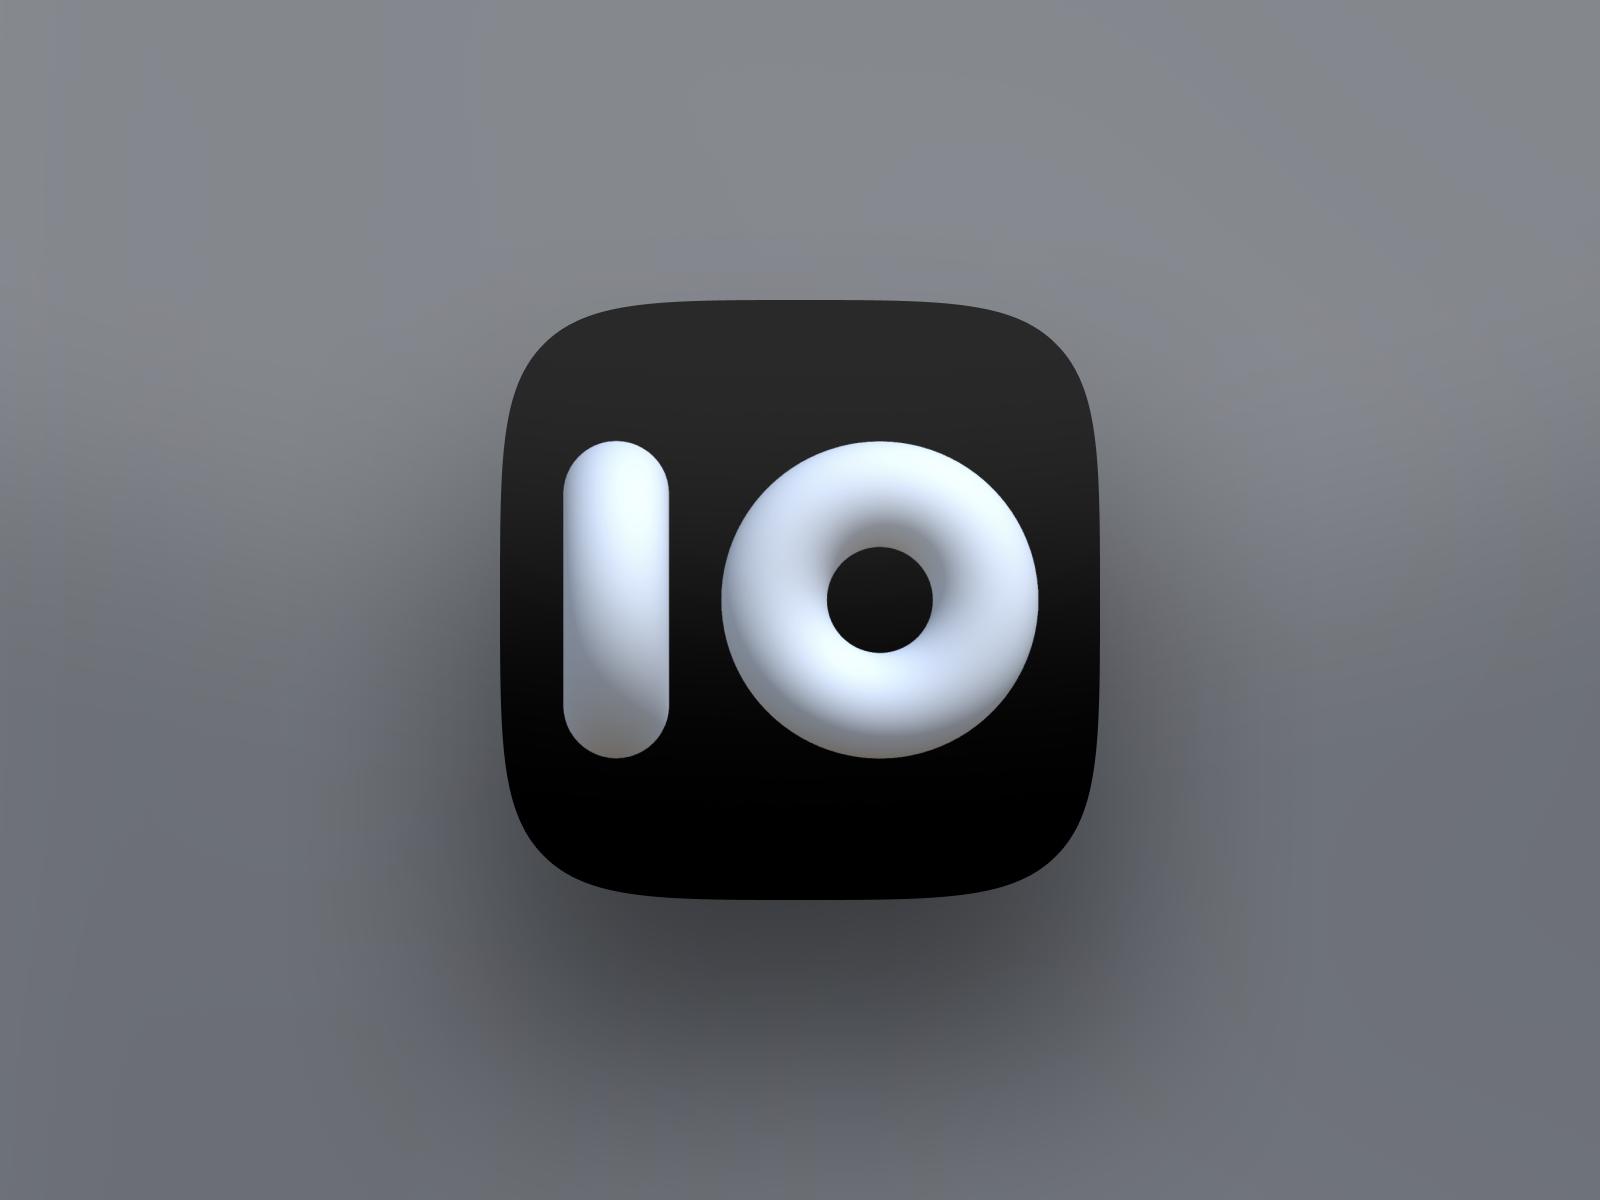 True or false generator app icon by volorf